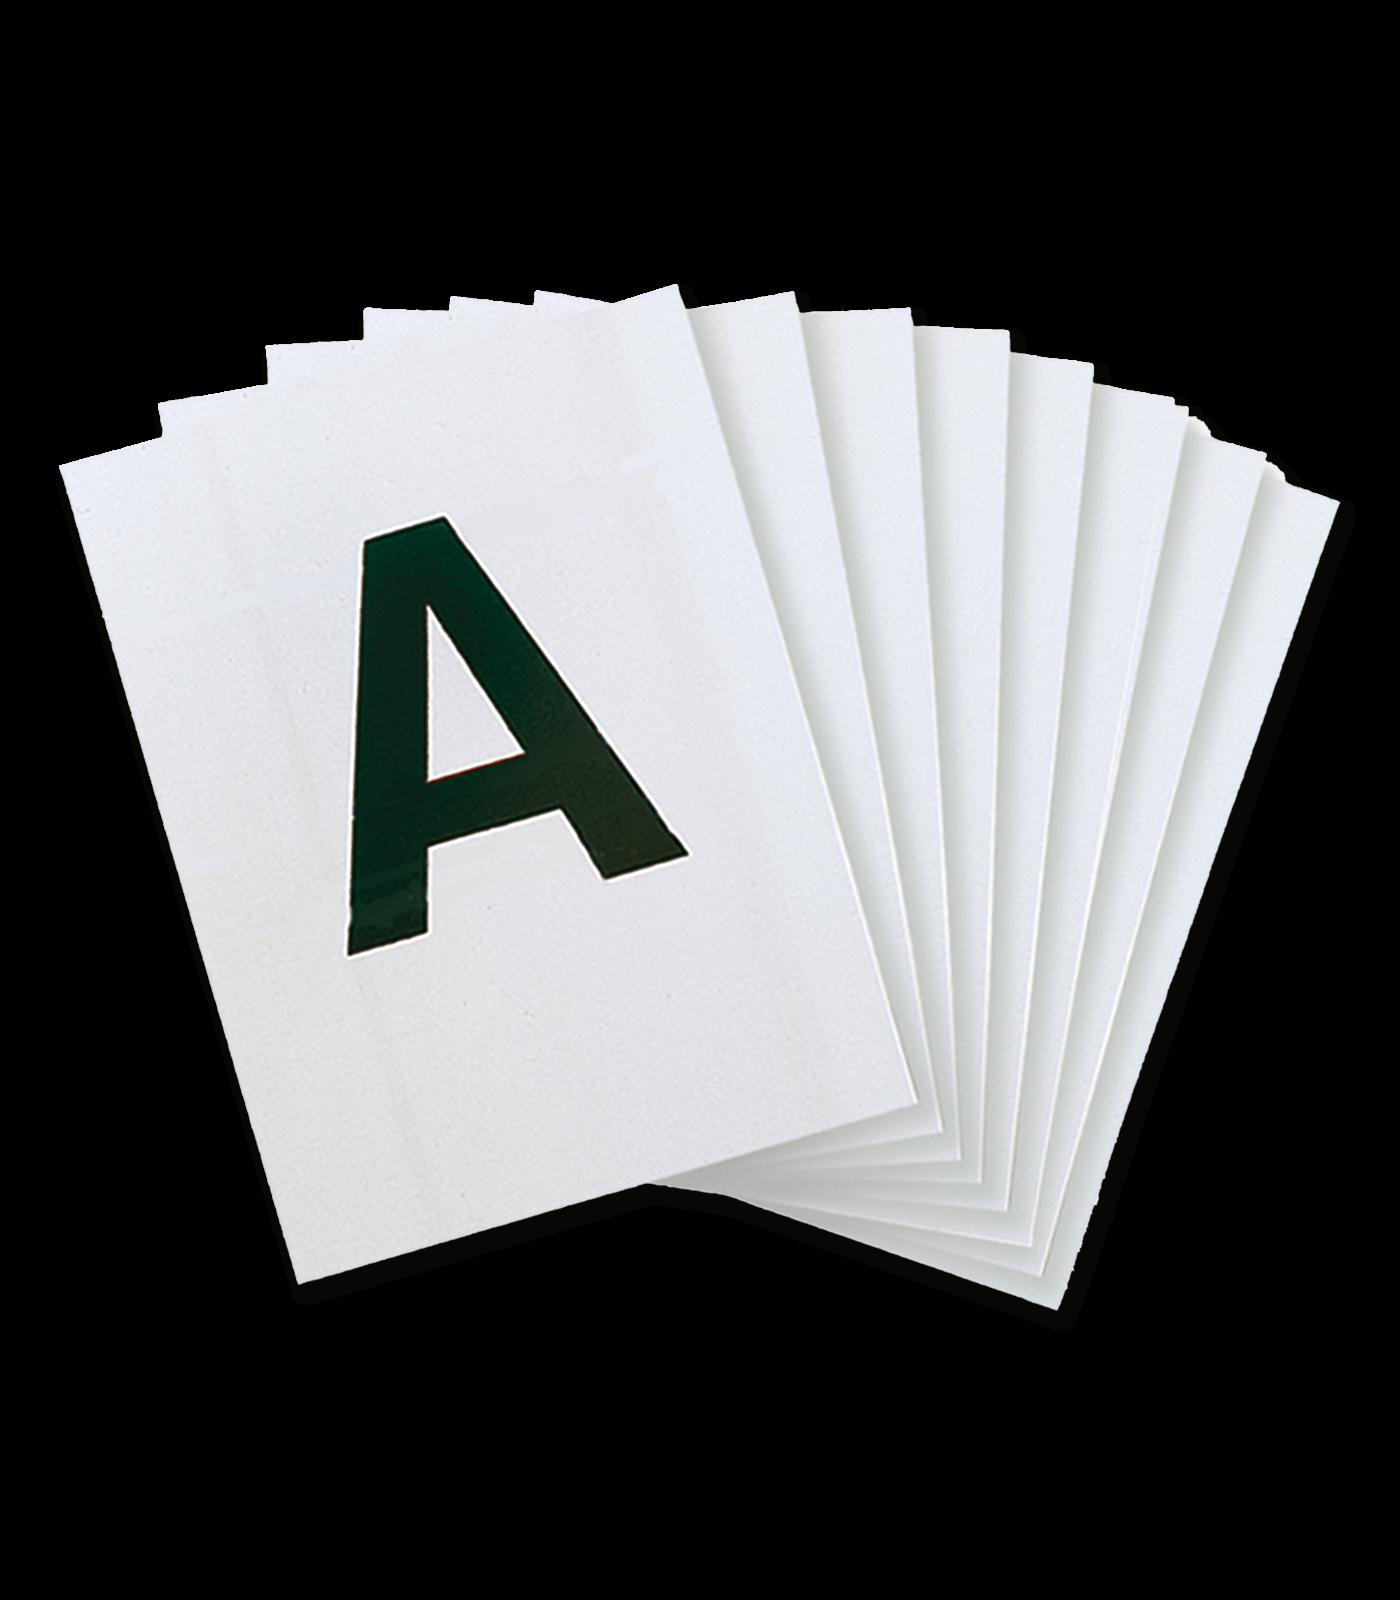 Bahnbuchstaben 20x60m Viereck